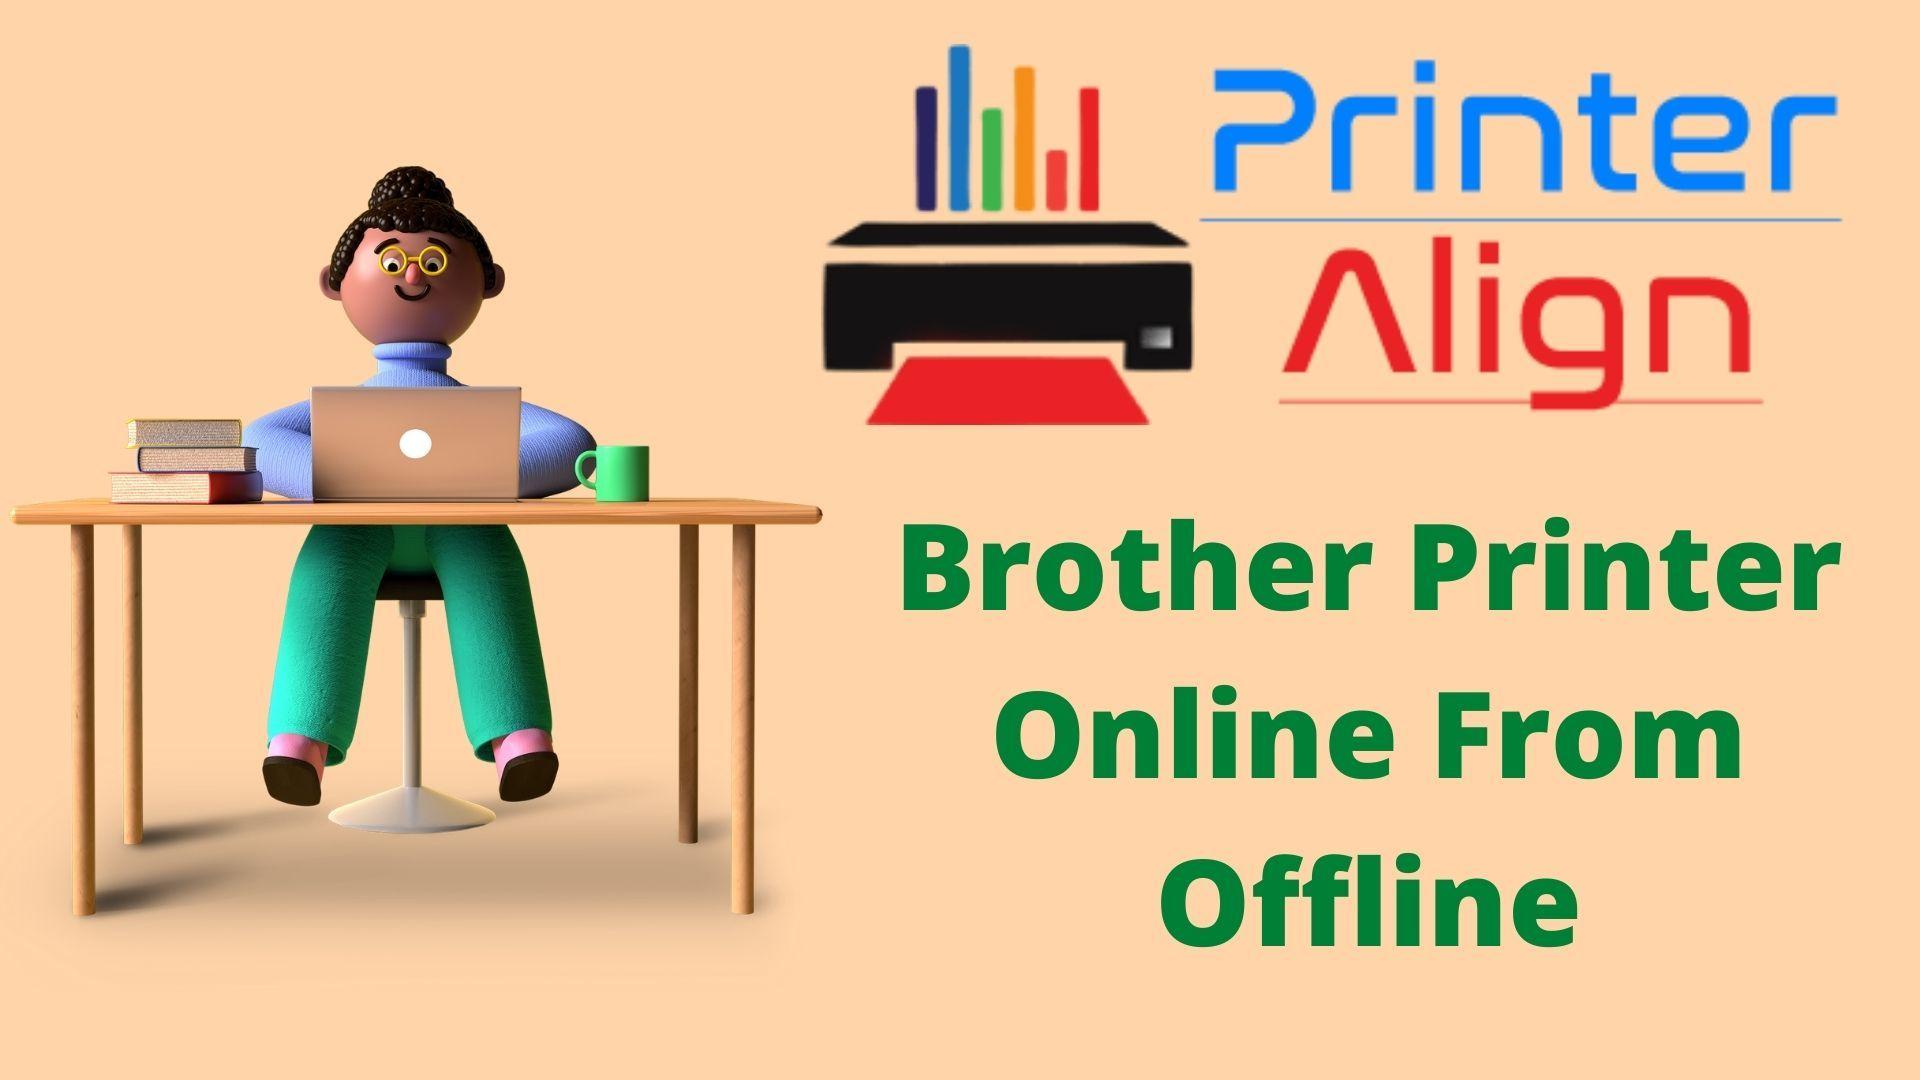 2d2d81a2bab3b81208ea5d97f2de2643 - How Do You Get A Printer To Go Online